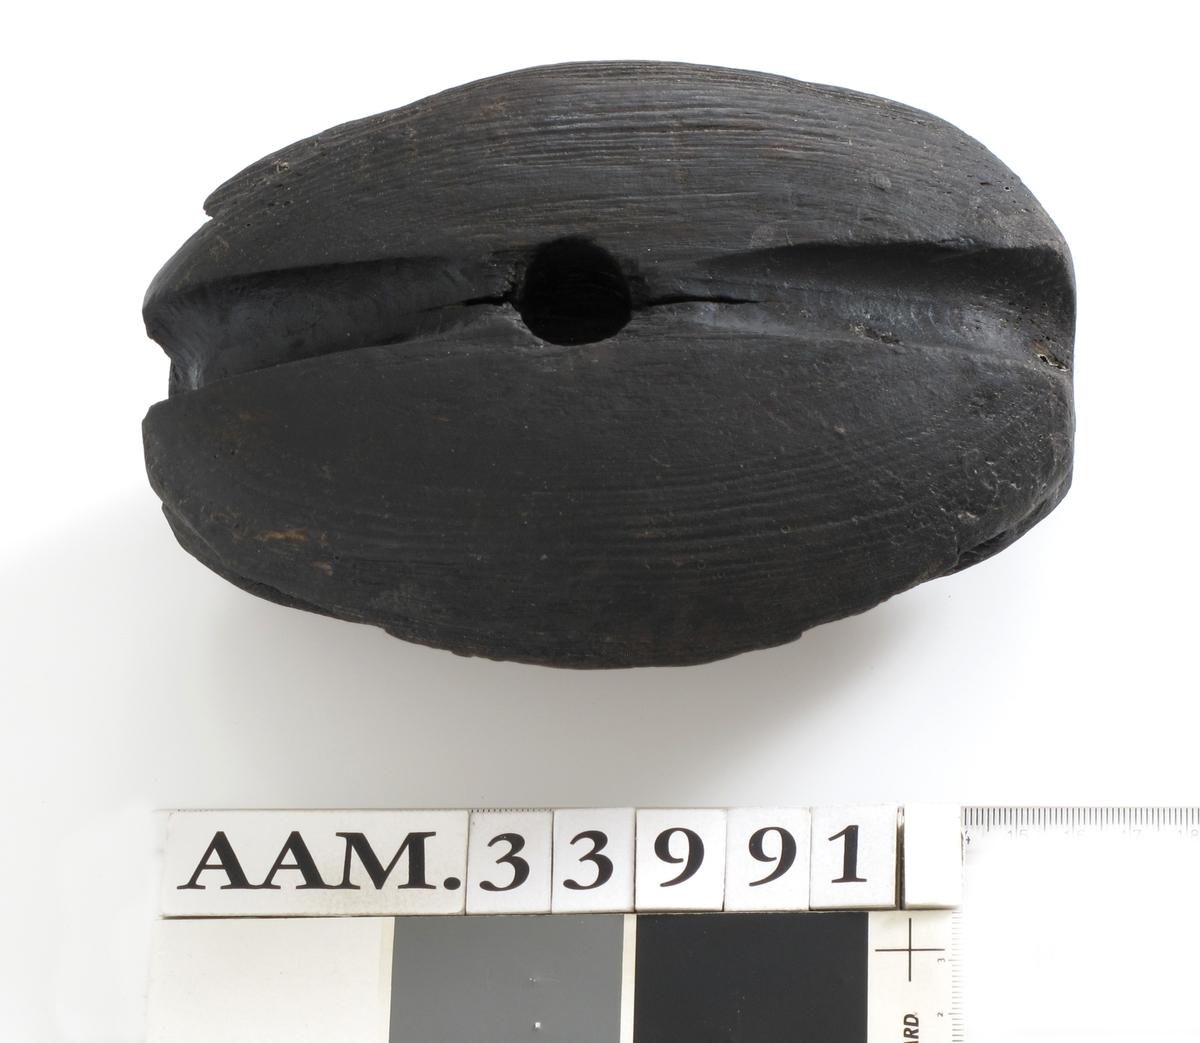 Blokkhus, skåret av ett stykke løvtre, trolig lønn. Mørk farge. Den ene siden er smalere, ser ut til å være tilpasset en spesialfunksjon.